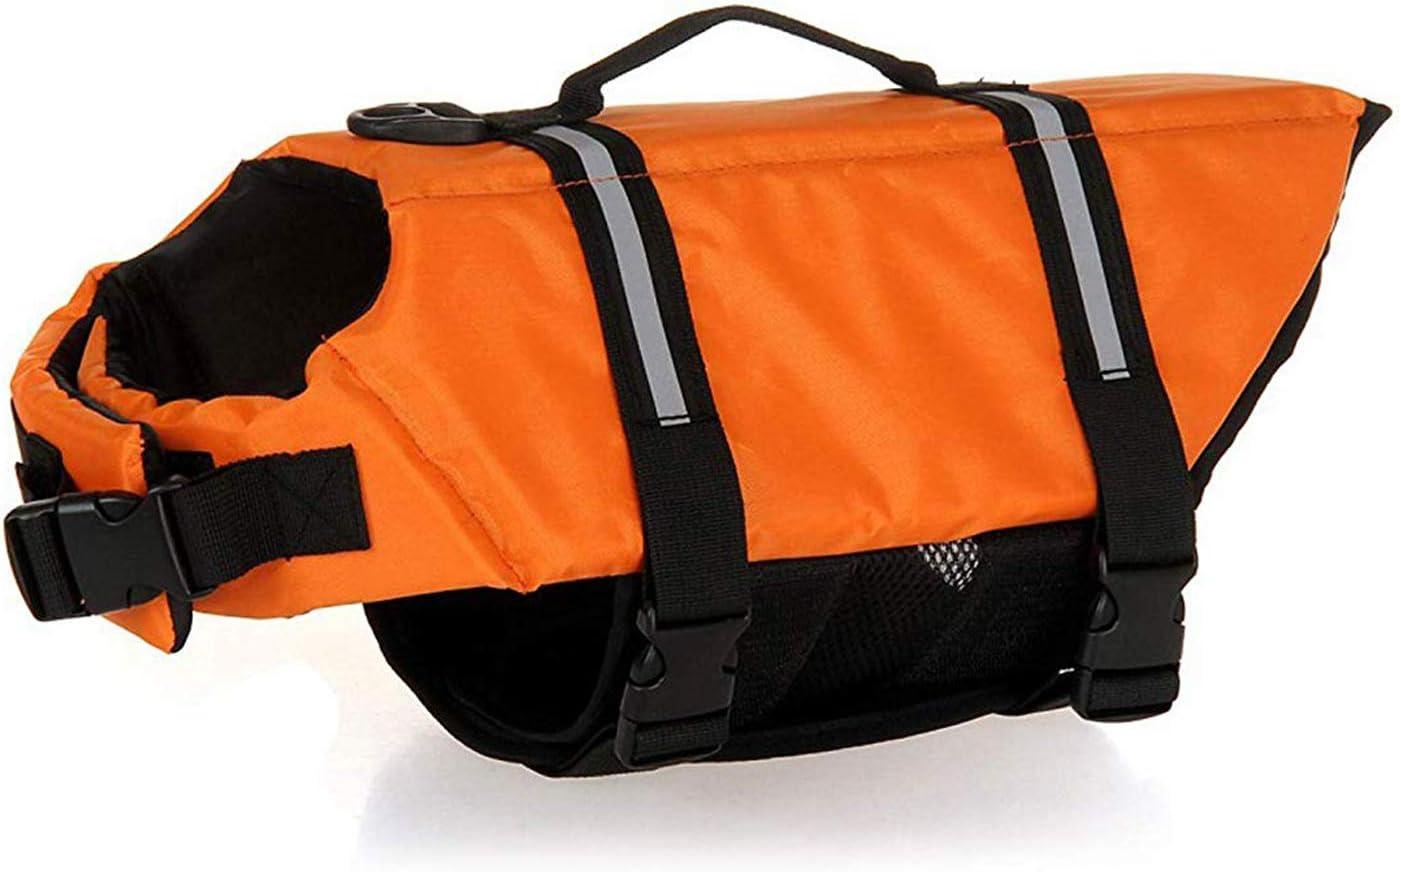 Over item handling GabeFish Dog Life Jacket Vest Collar Clothes Save Factory outlet Harness Safety